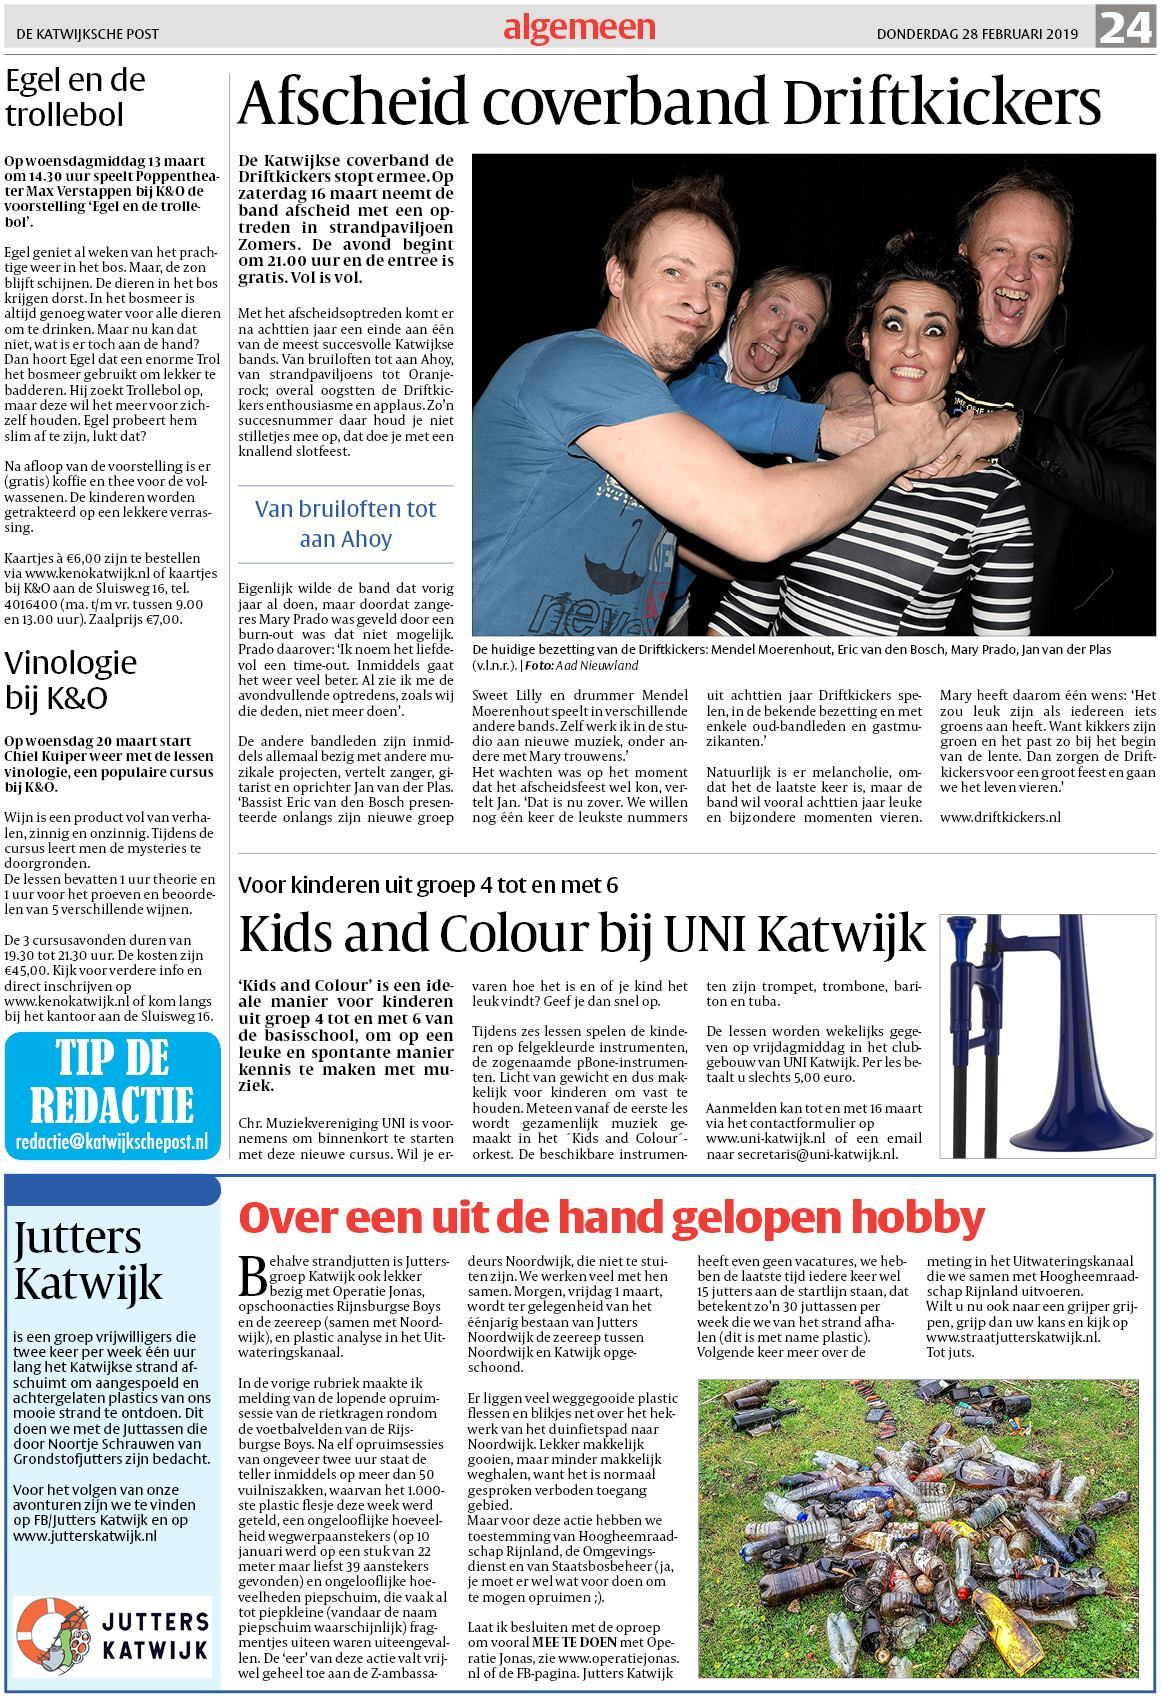 De Katwijksche Post 28 februari 2019